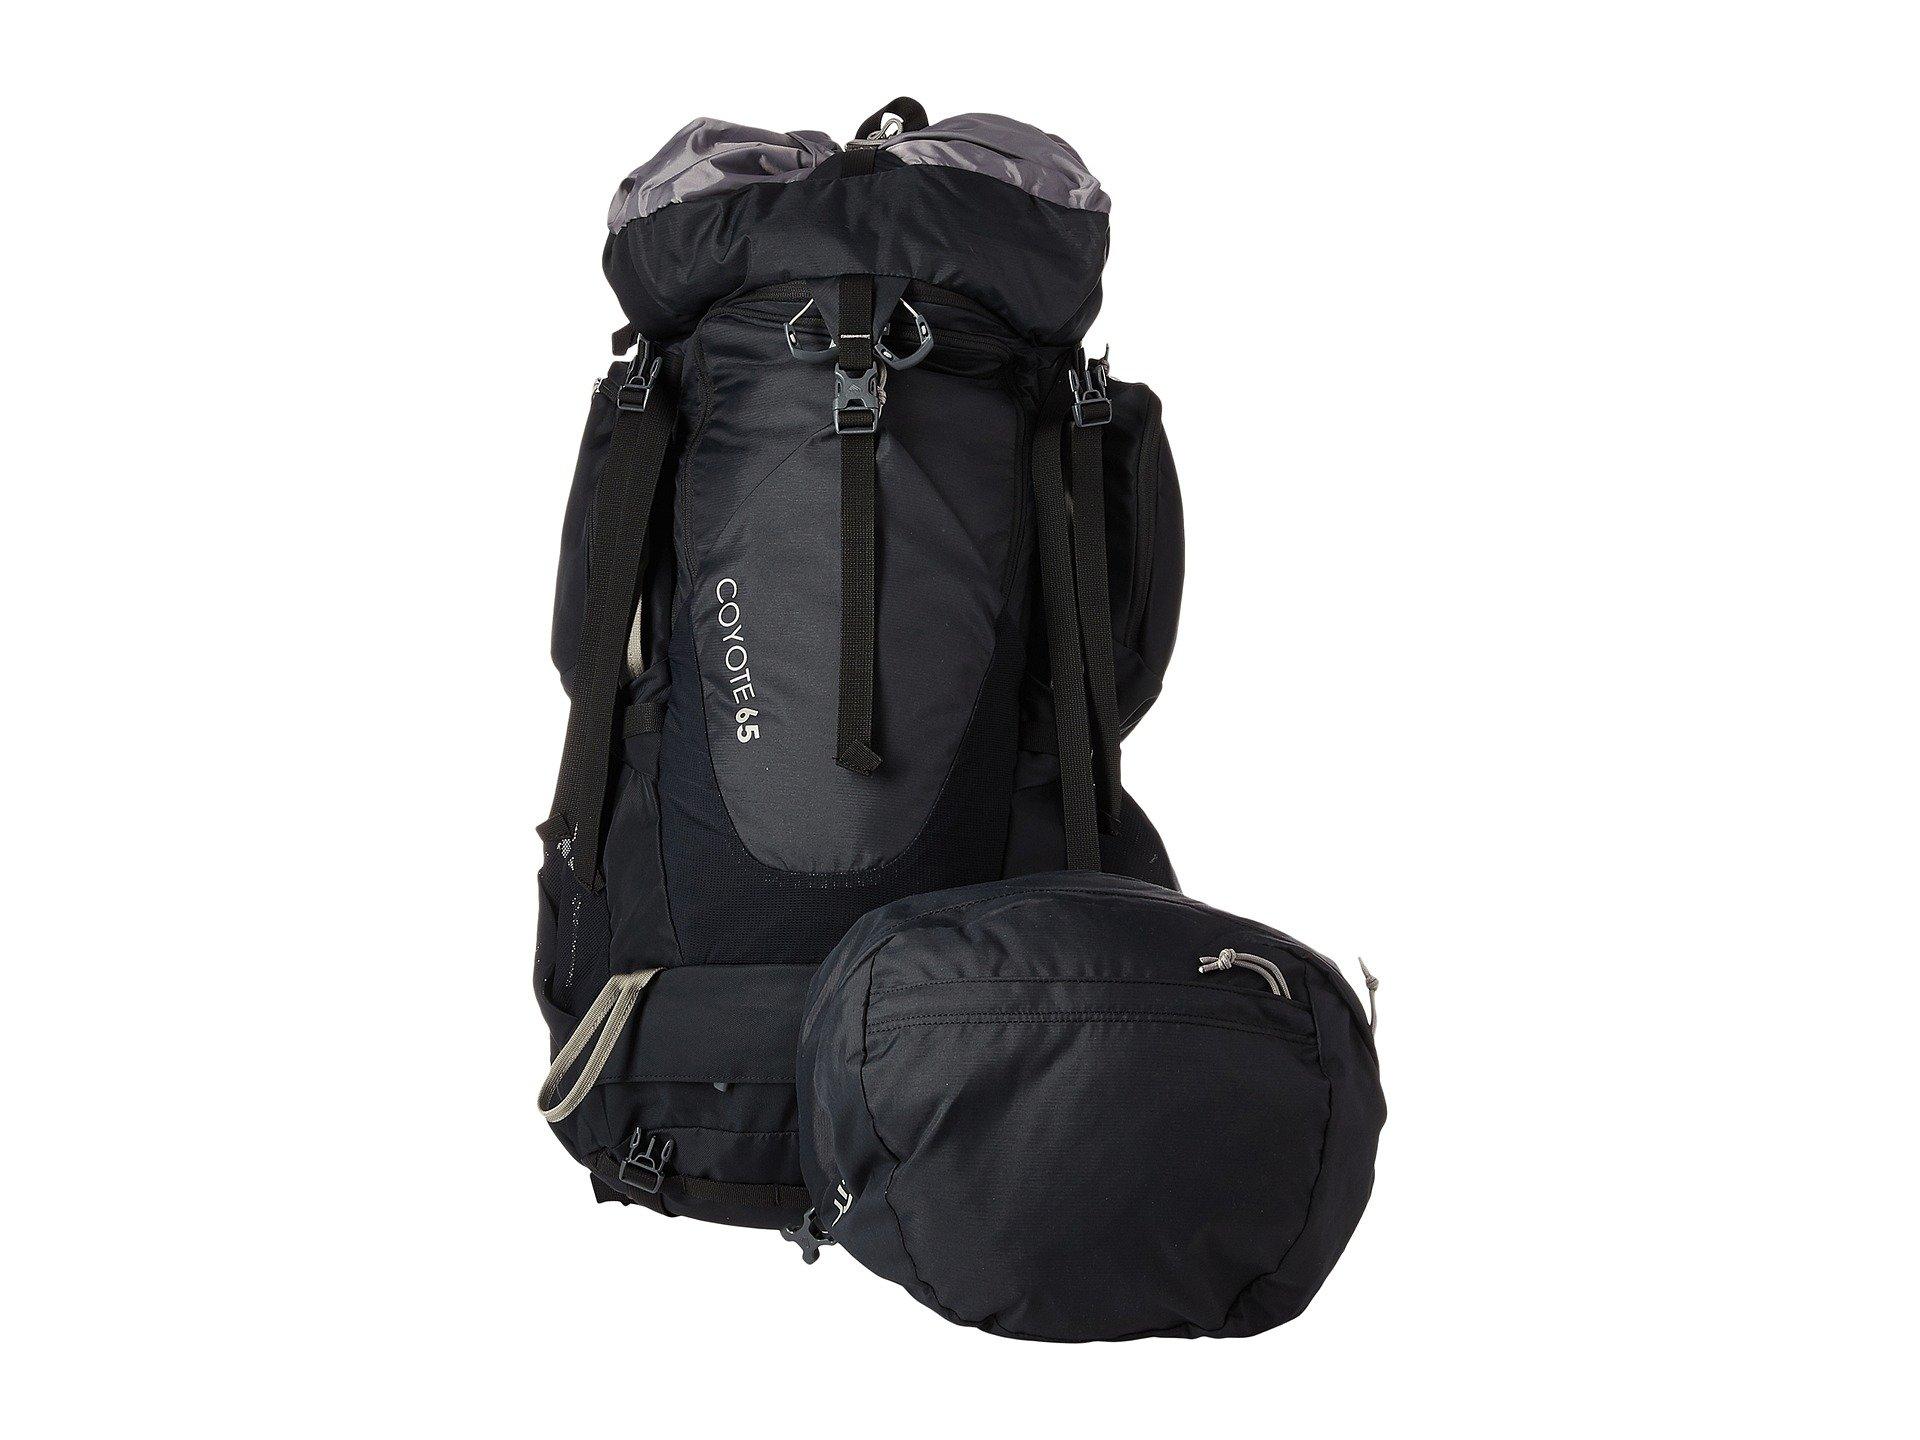 Black Coyote Kelty 65 Kelty Backpack Coyote PXBqBx8